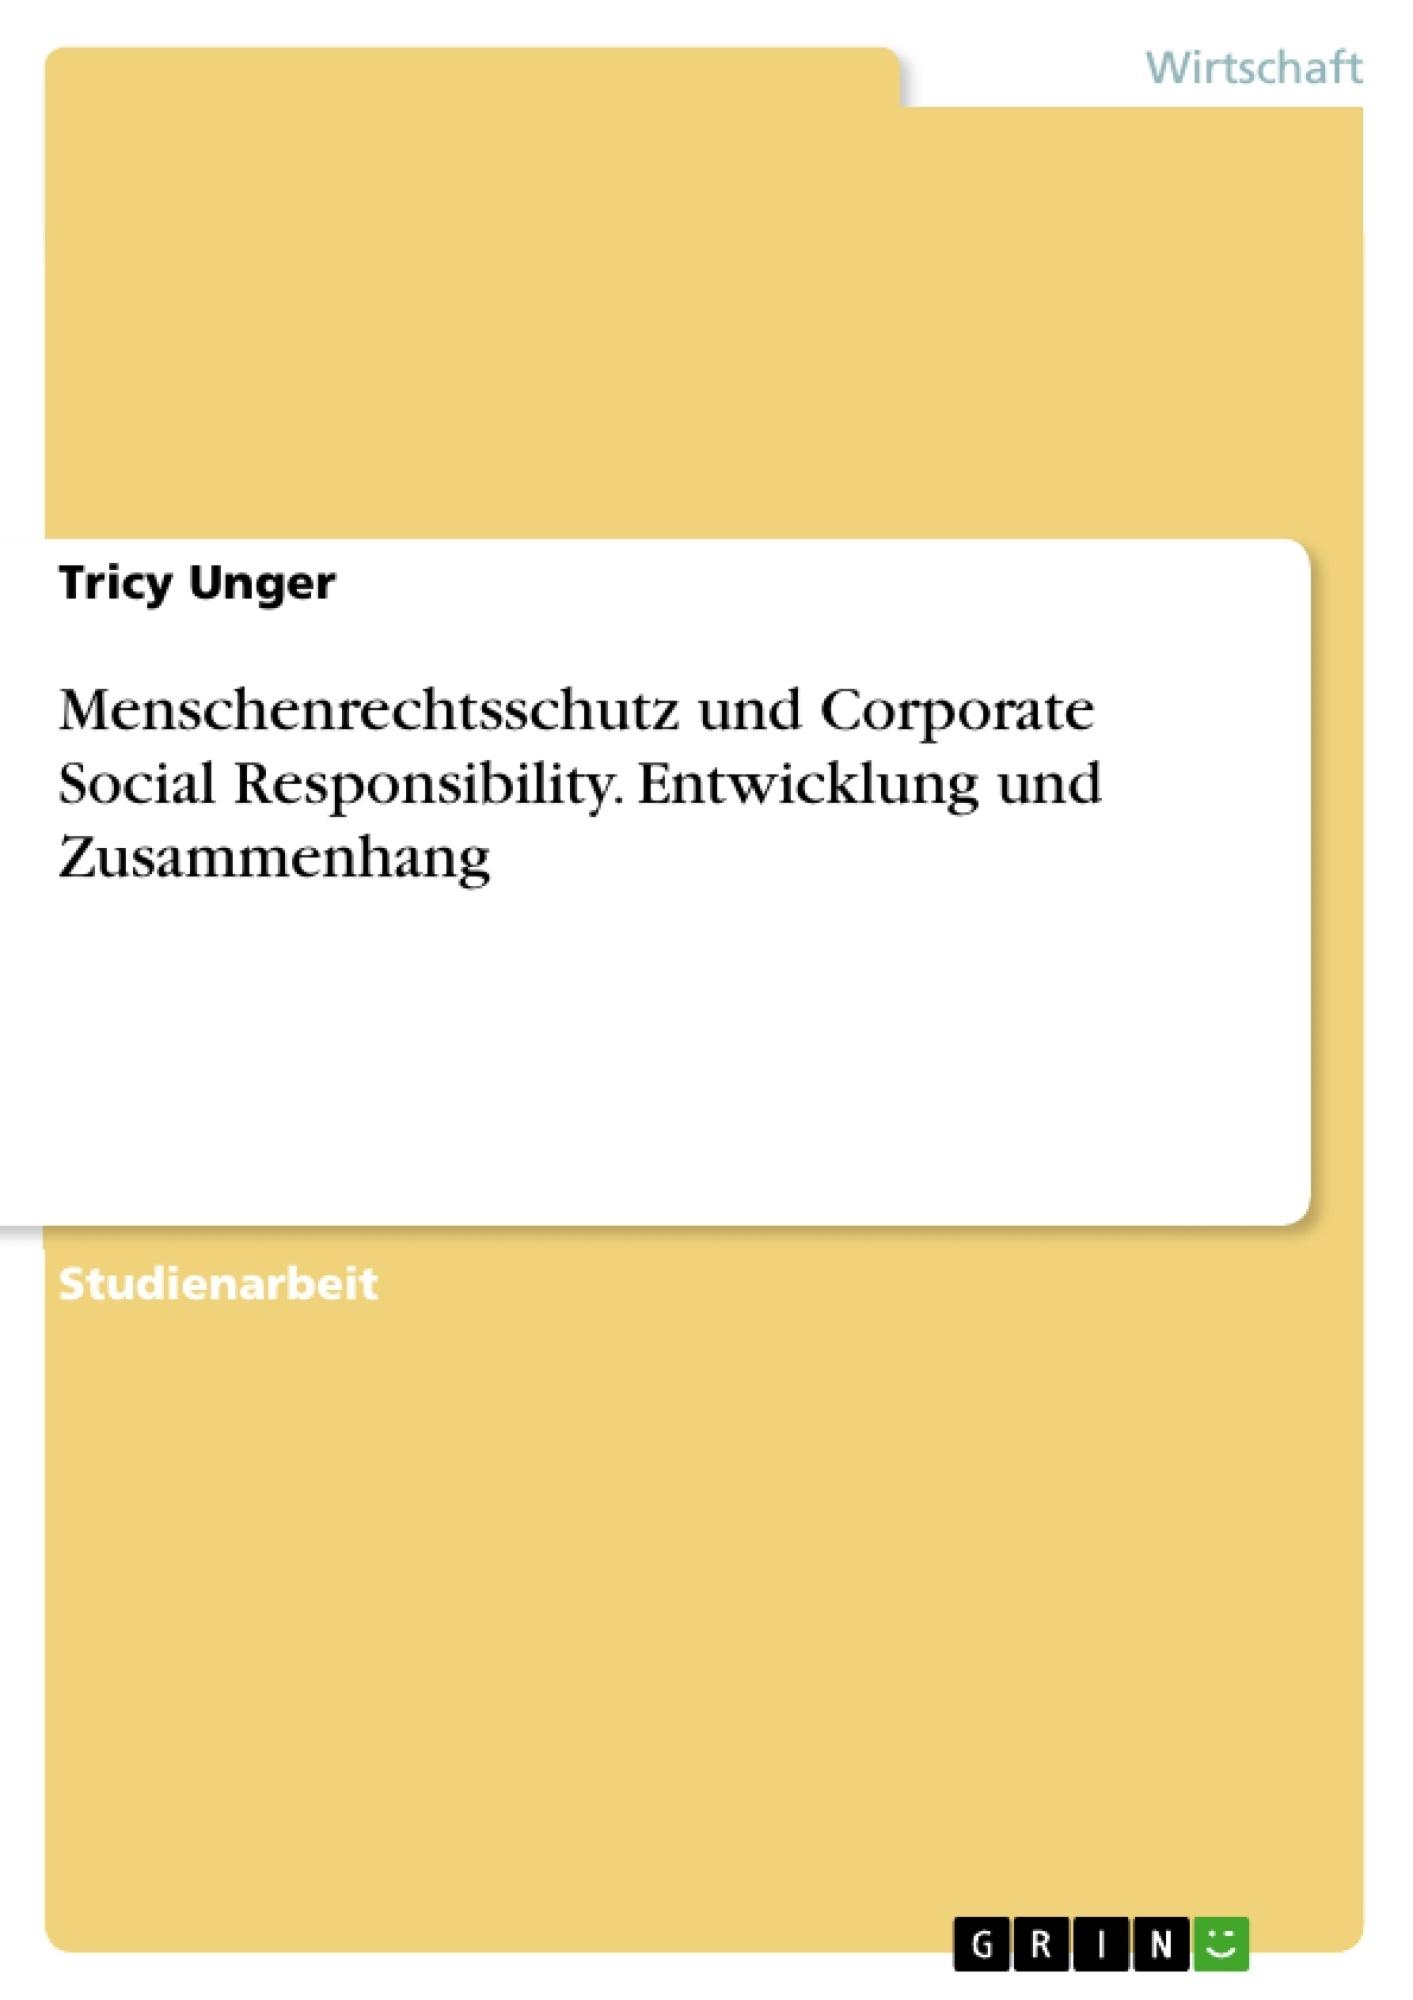 Titel: Menschenrechtsschutz und Corporate Social Responsibility. Entwicklung und Zusammenhang